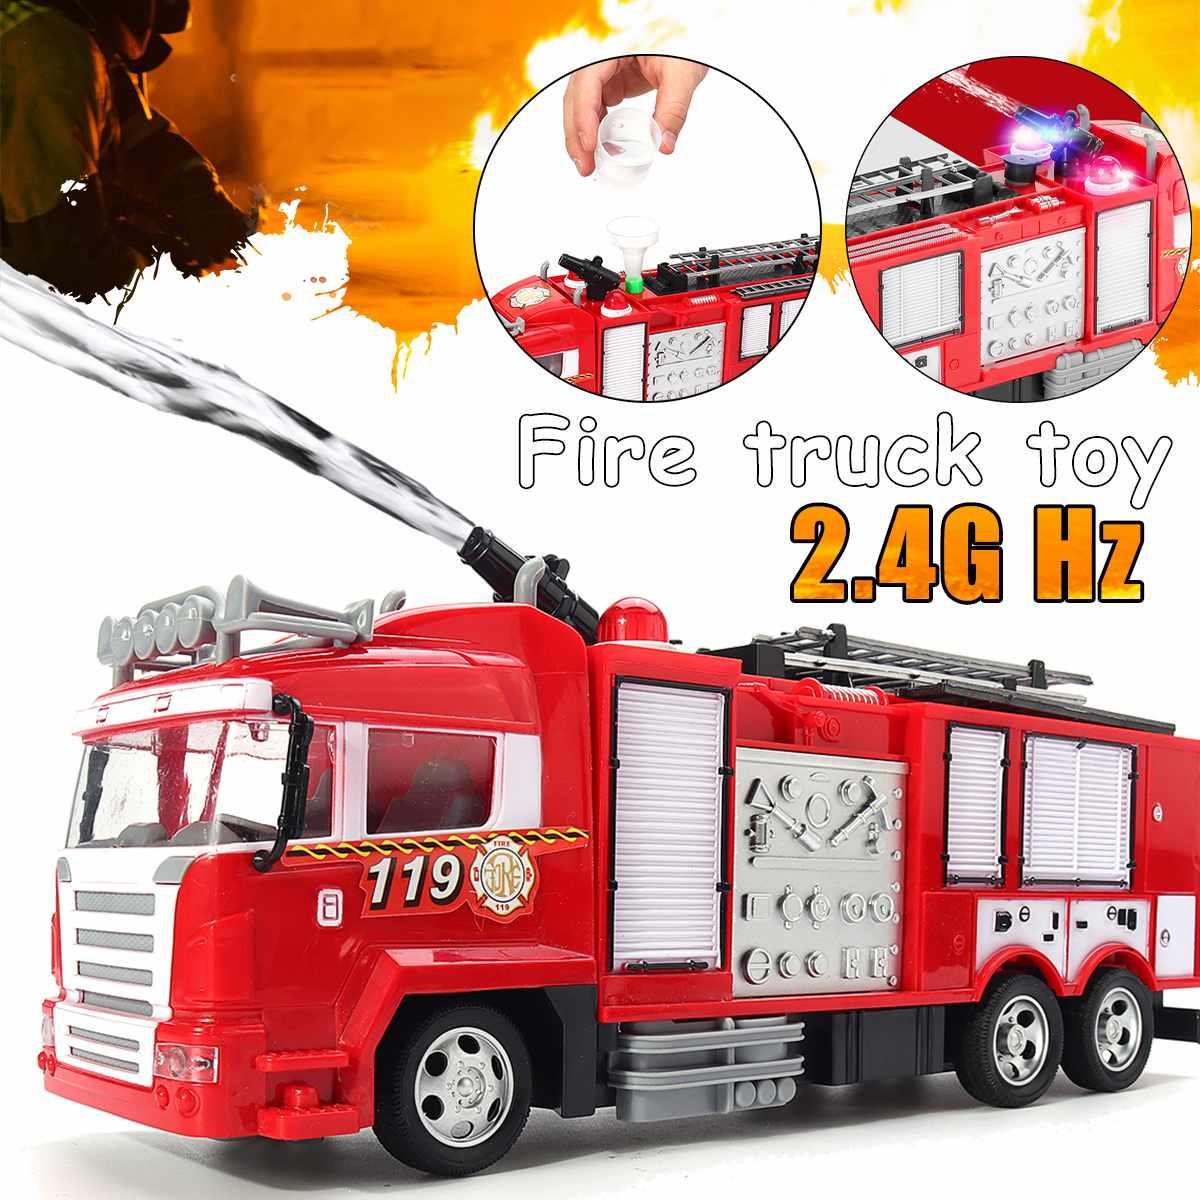 Spray de água caminhão brinquedo bombeiro caminhão de bombeiros elétrico carro música luz brinquedos educativos menino crianças brinquedo presente com controle remoto